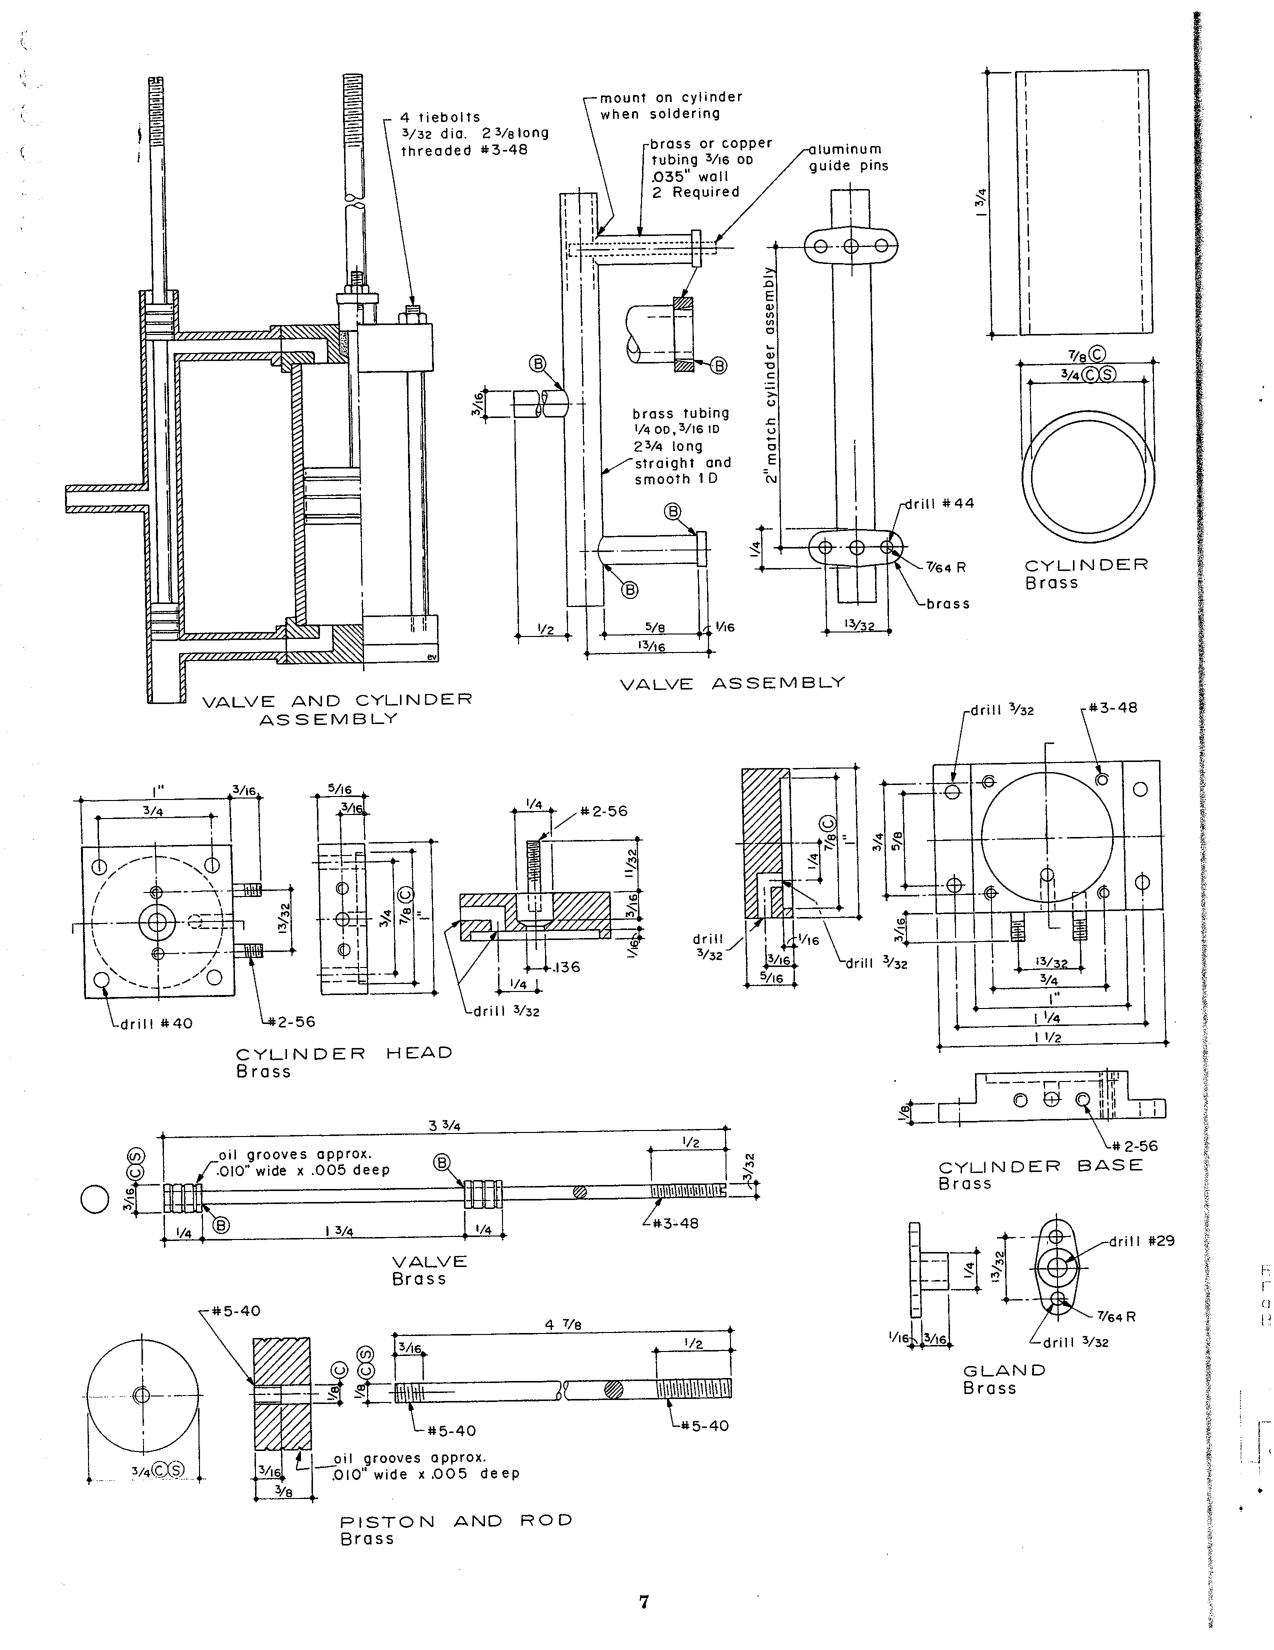 b steam engine plans b by torque63 [ 1274 x 1650 Pixel ]